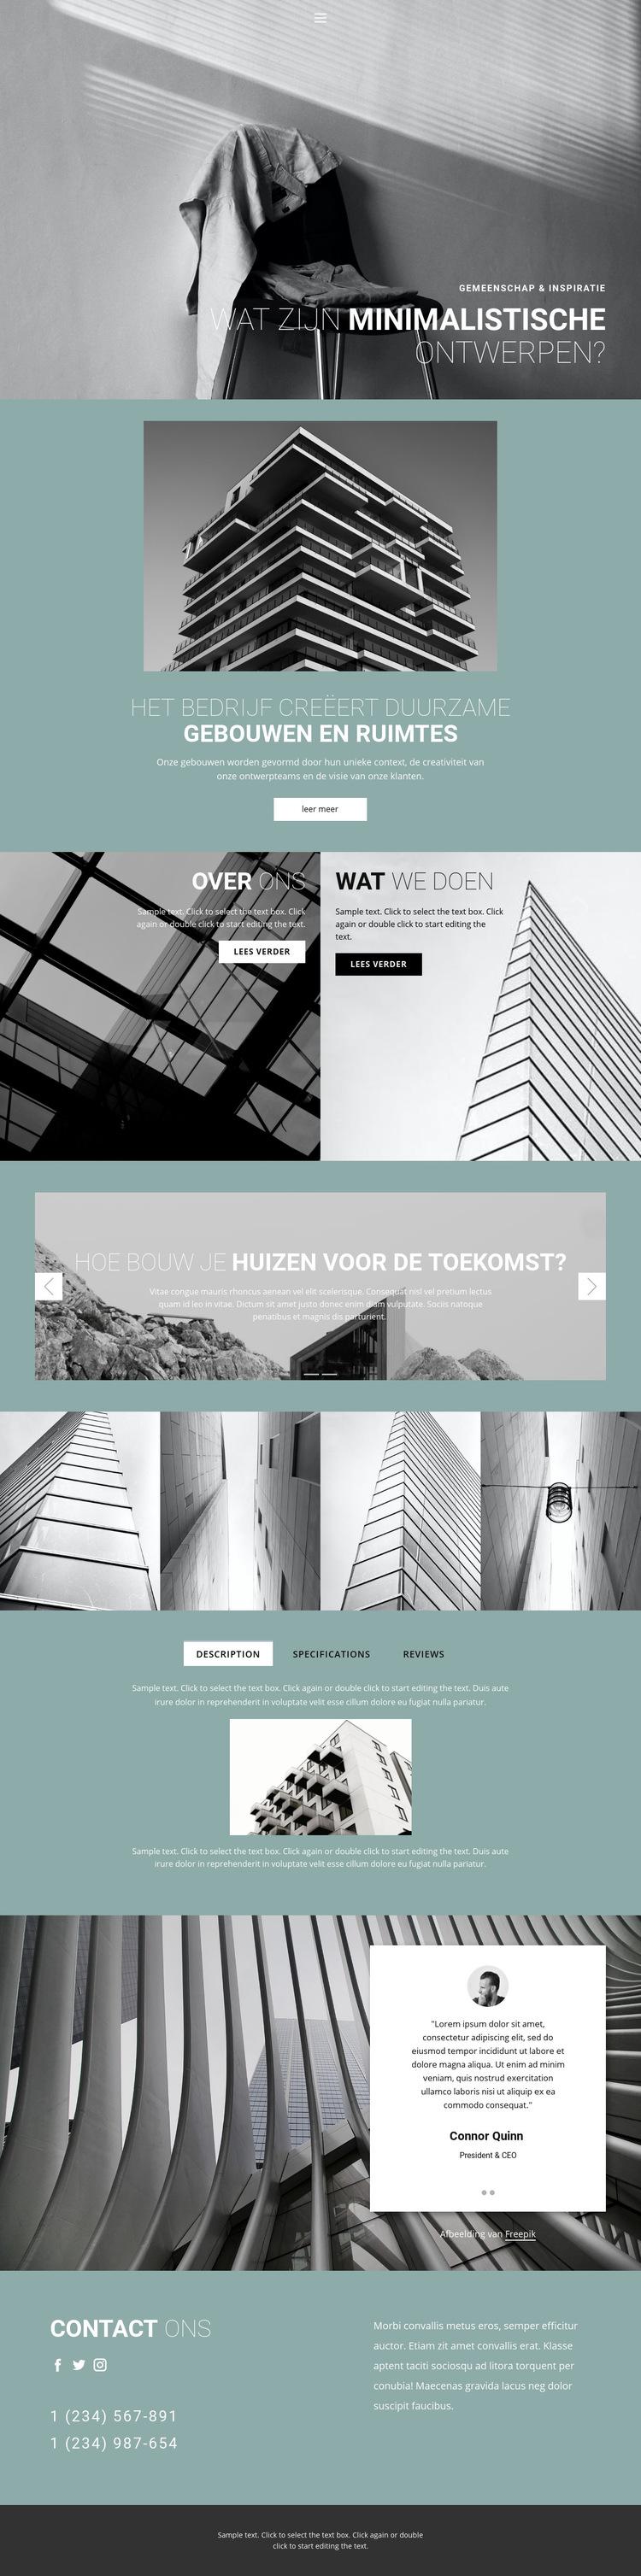 Perfecte architectuurideeën Website sjabloon